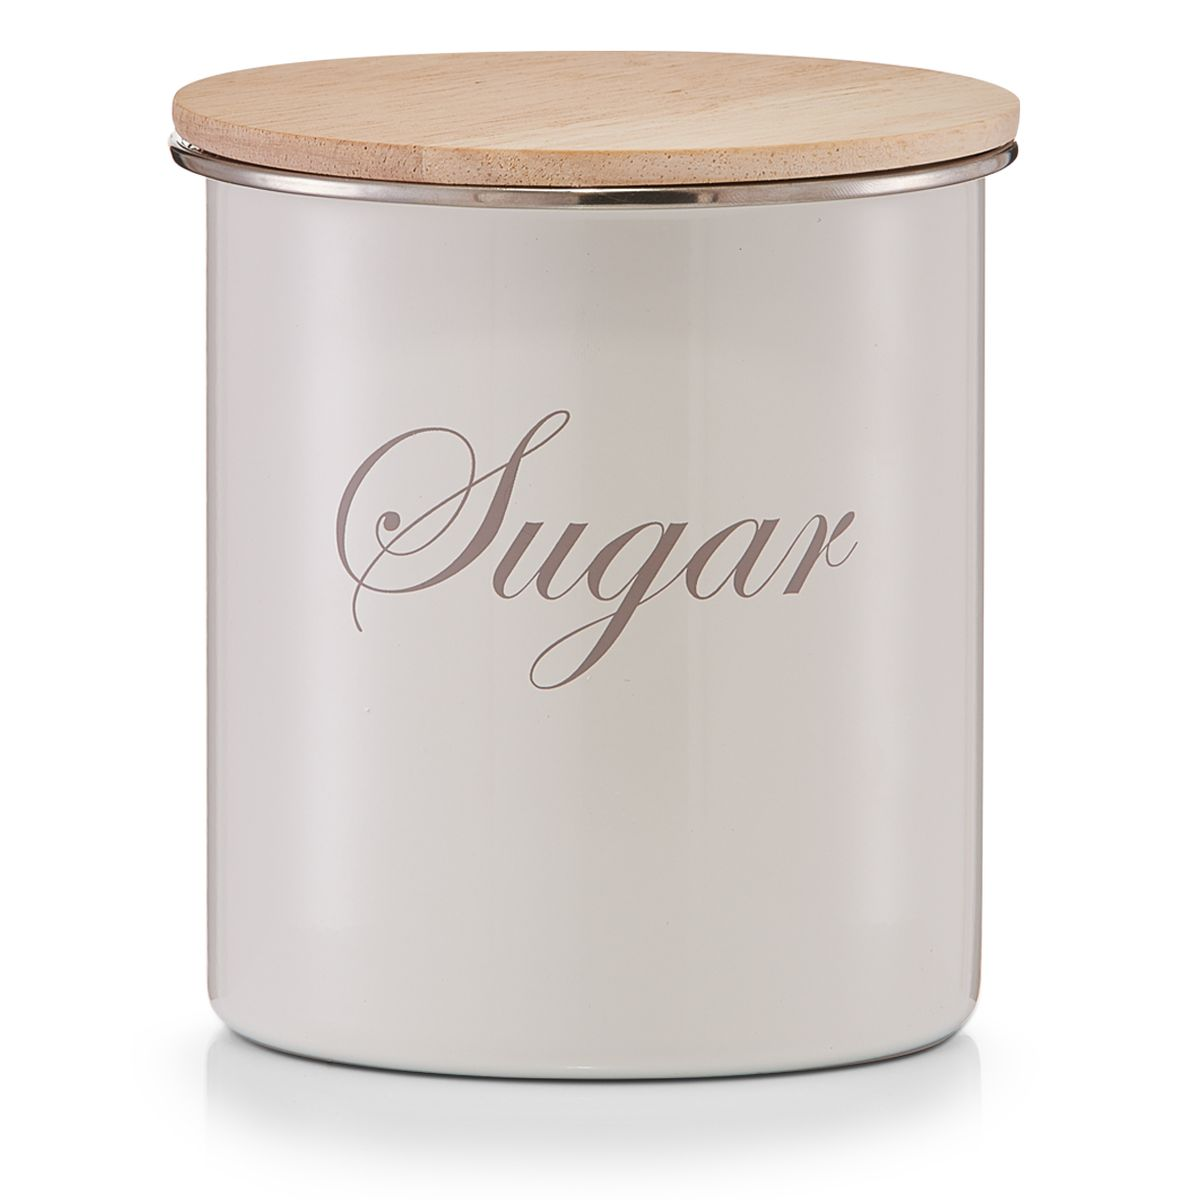 Банка для хранения Zeller Sugar, 11,2 х 11,2 х 12,5 см19311Банка Zeller Sugar, выполненная из металла,снабжена деревянной крышкой, которая плотно и герметичнозакрывается, дольше сохраняя аромат и свежестьсодержимого. Изделие предназначено для хранения сахара. Стильная и практичная, такаябанка станетнезаменимым аксессуаром на любой кухне.